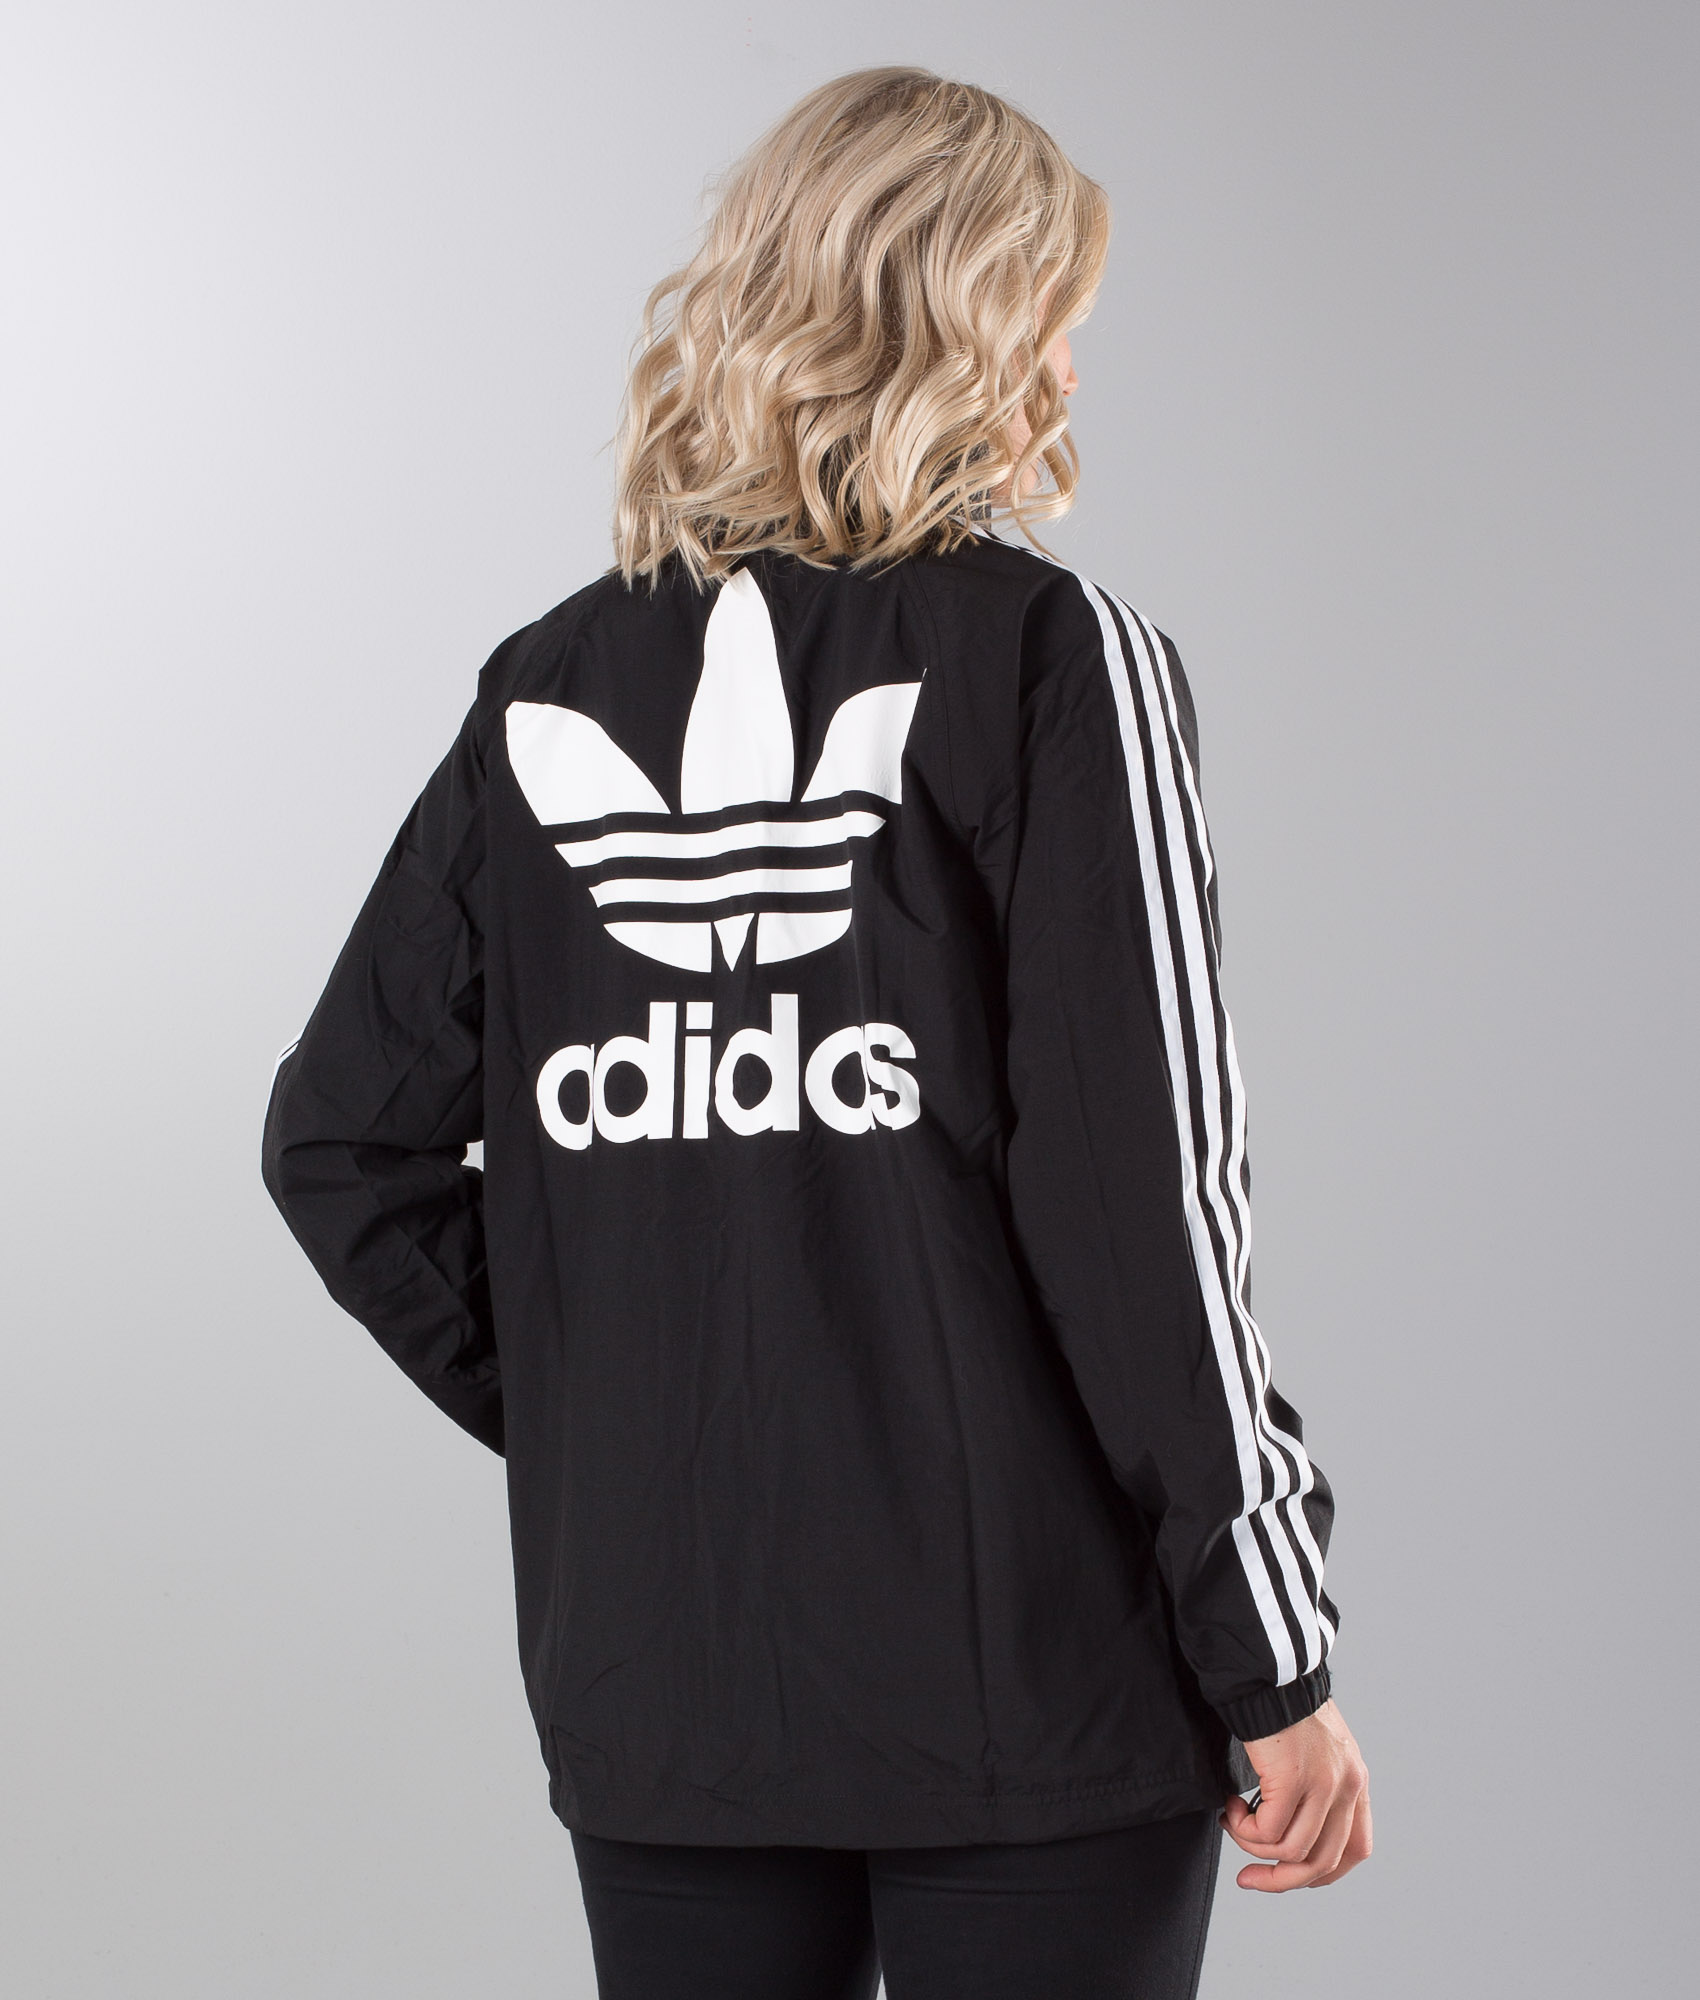 fi Stadium Ridestore Black Adidas Originals Takki SzpUMV